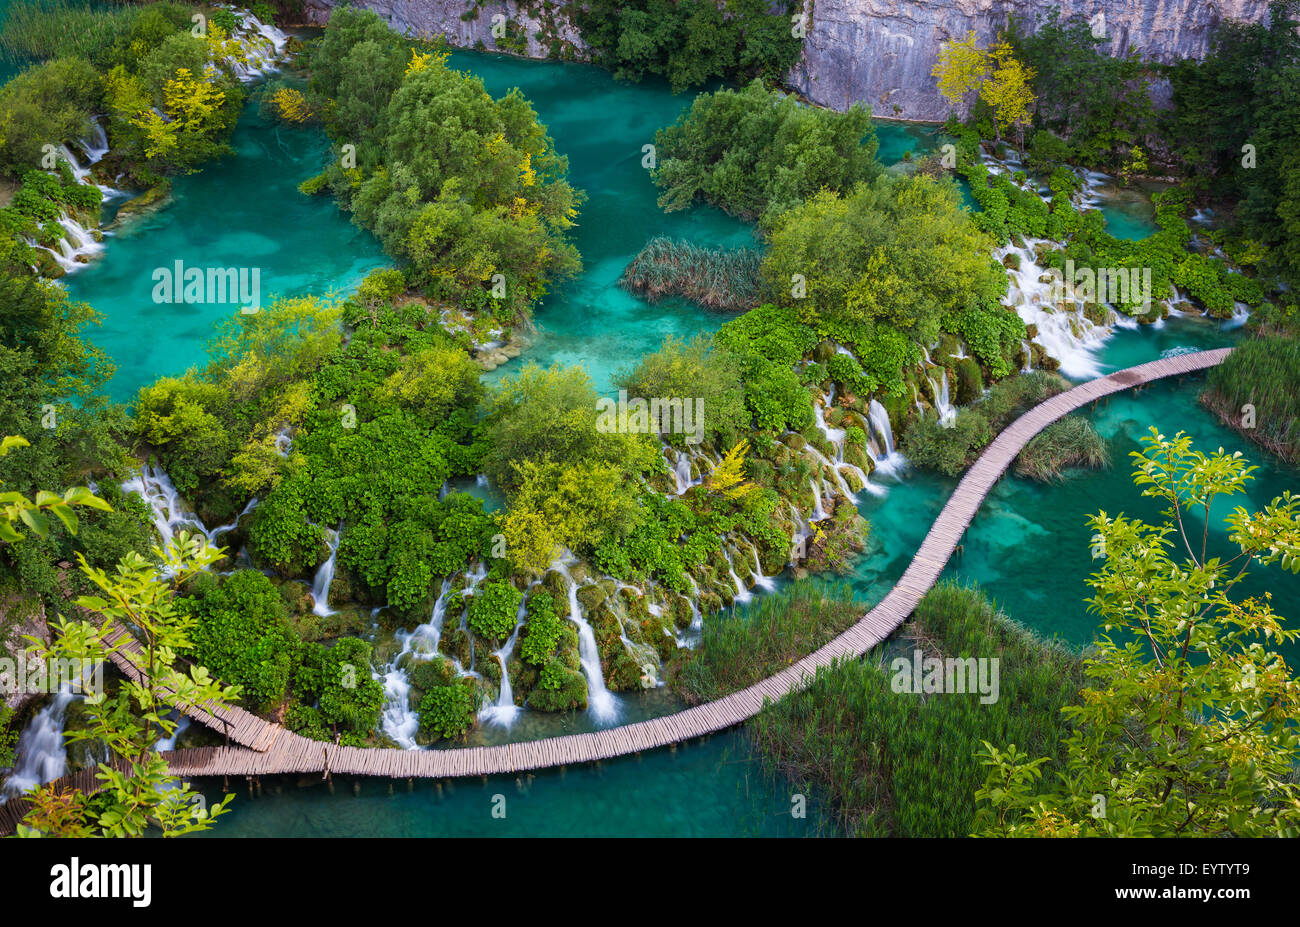 Le parc national des Lacs de Plitvice est l'un des plus anciens parcs nationaux du sud-est de l'Europe et Photo Stock